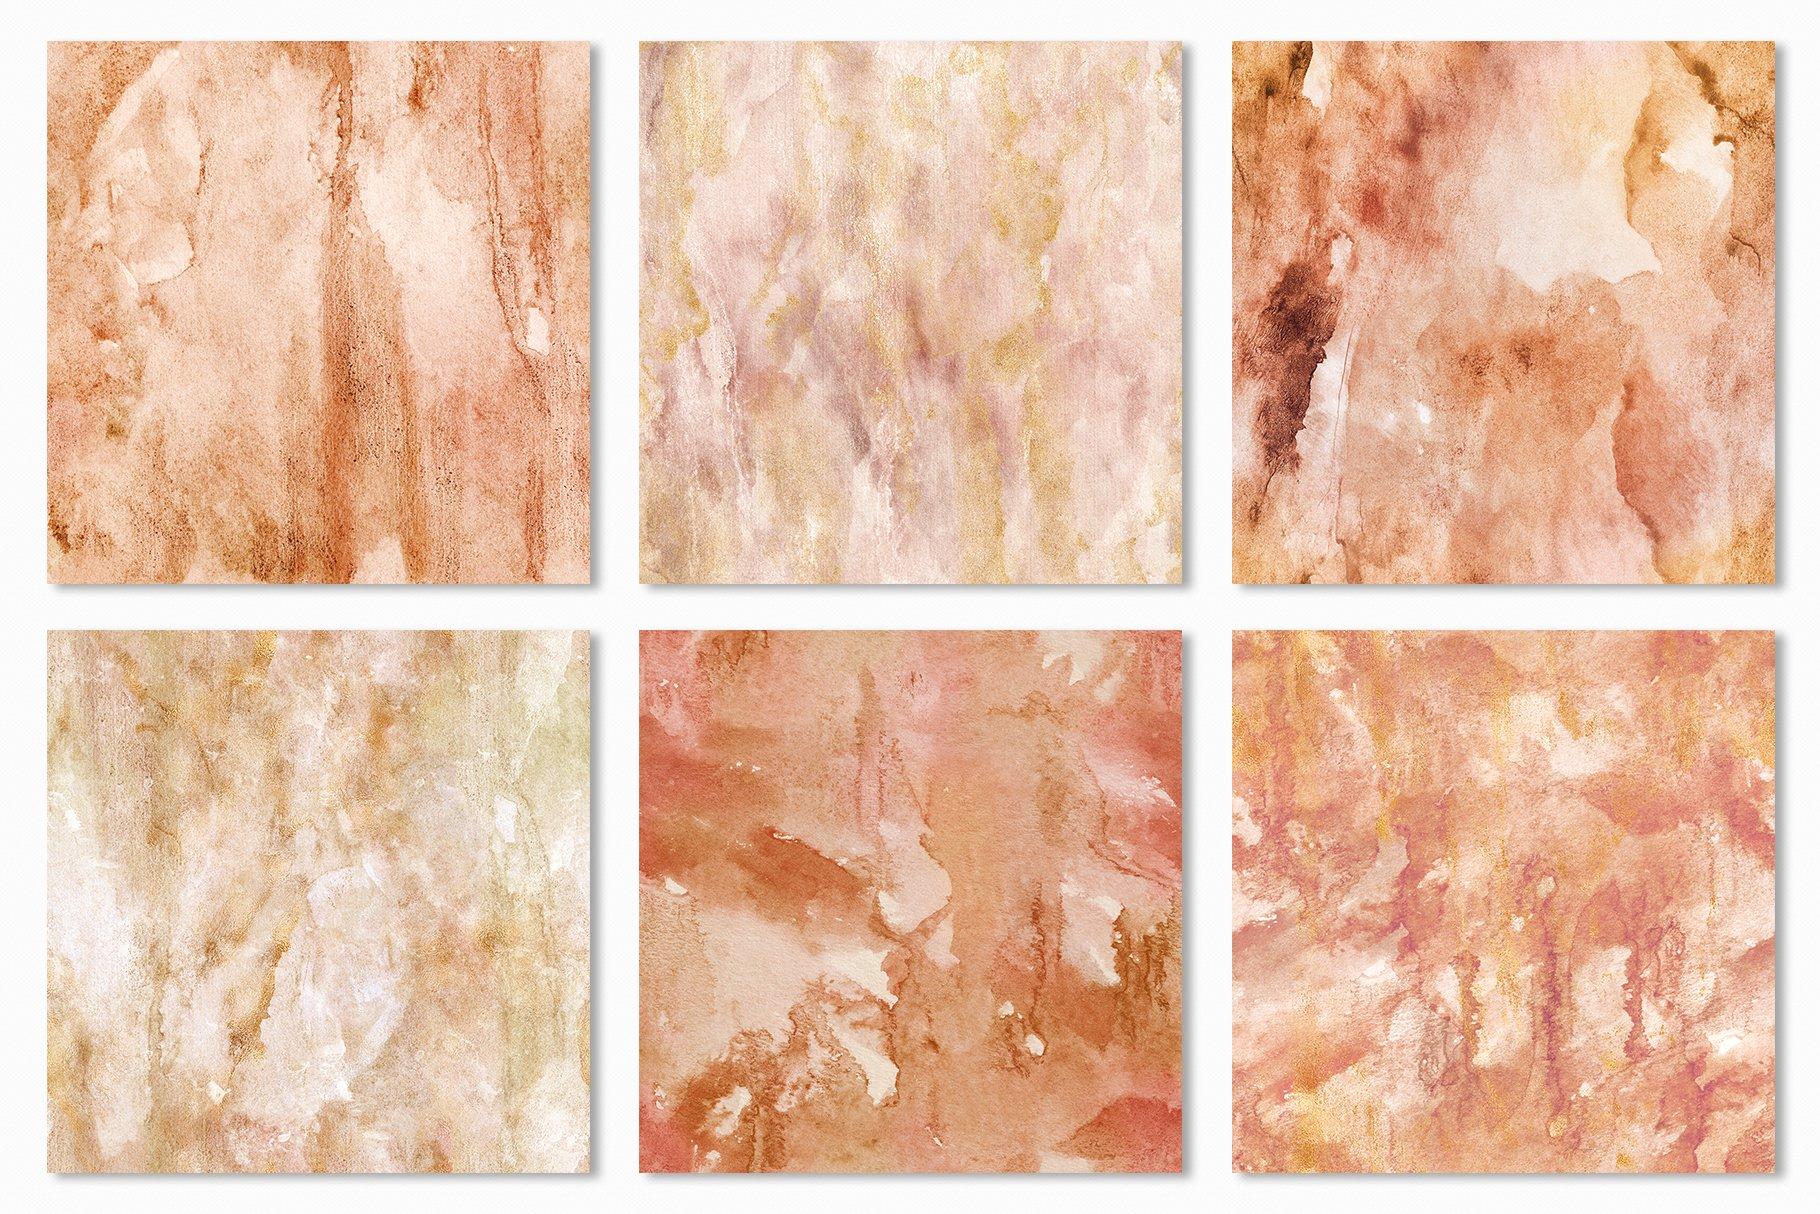 [单独购买] 20款抽象奢华橙色水彩纹理海报设计背景图片素材 20 Seamless Watercolor Textures插图20